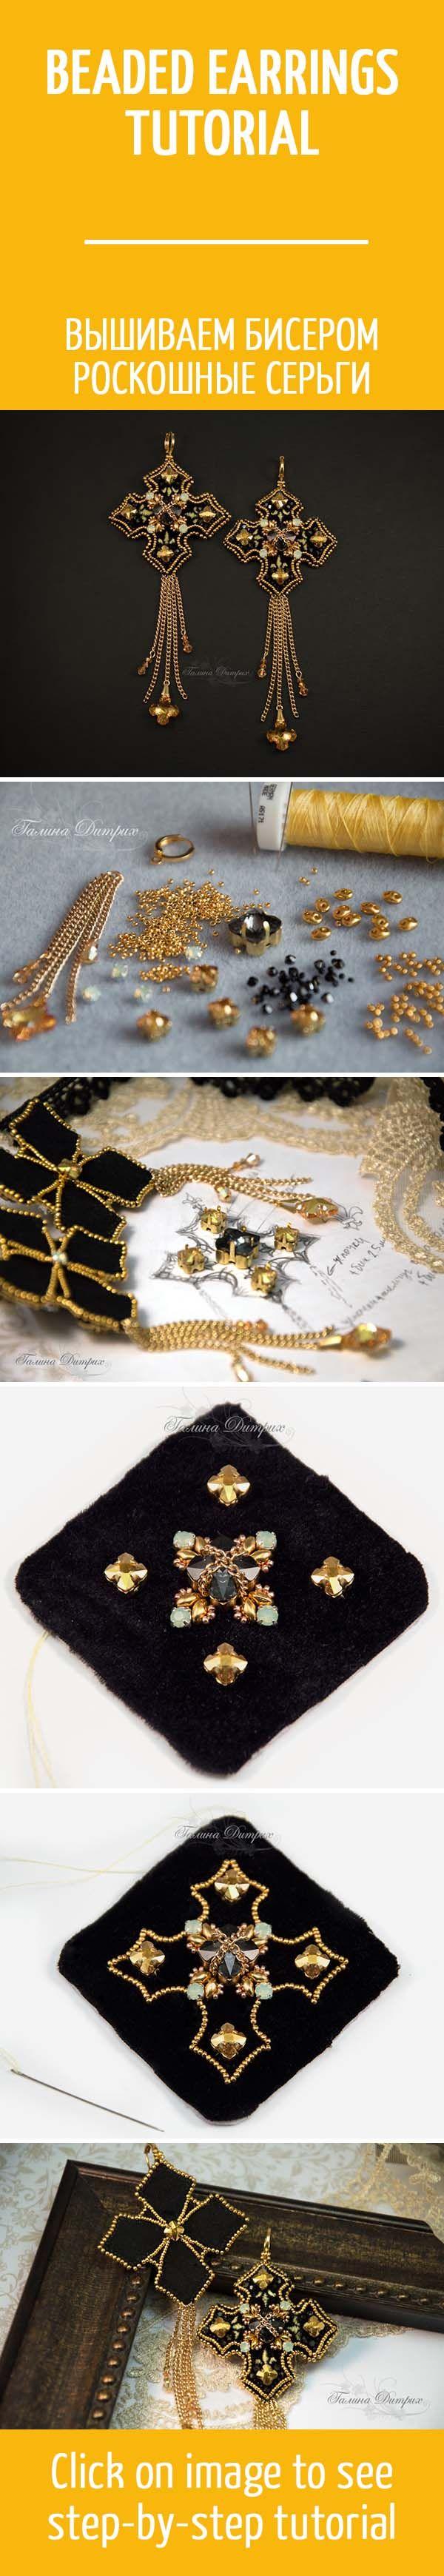 Мастер-класс от гуру бисерной вышивки Галины Дитрих: создаем двусторонние серьги «Земное и вечное» / Beaded two-sided earrings tutorial